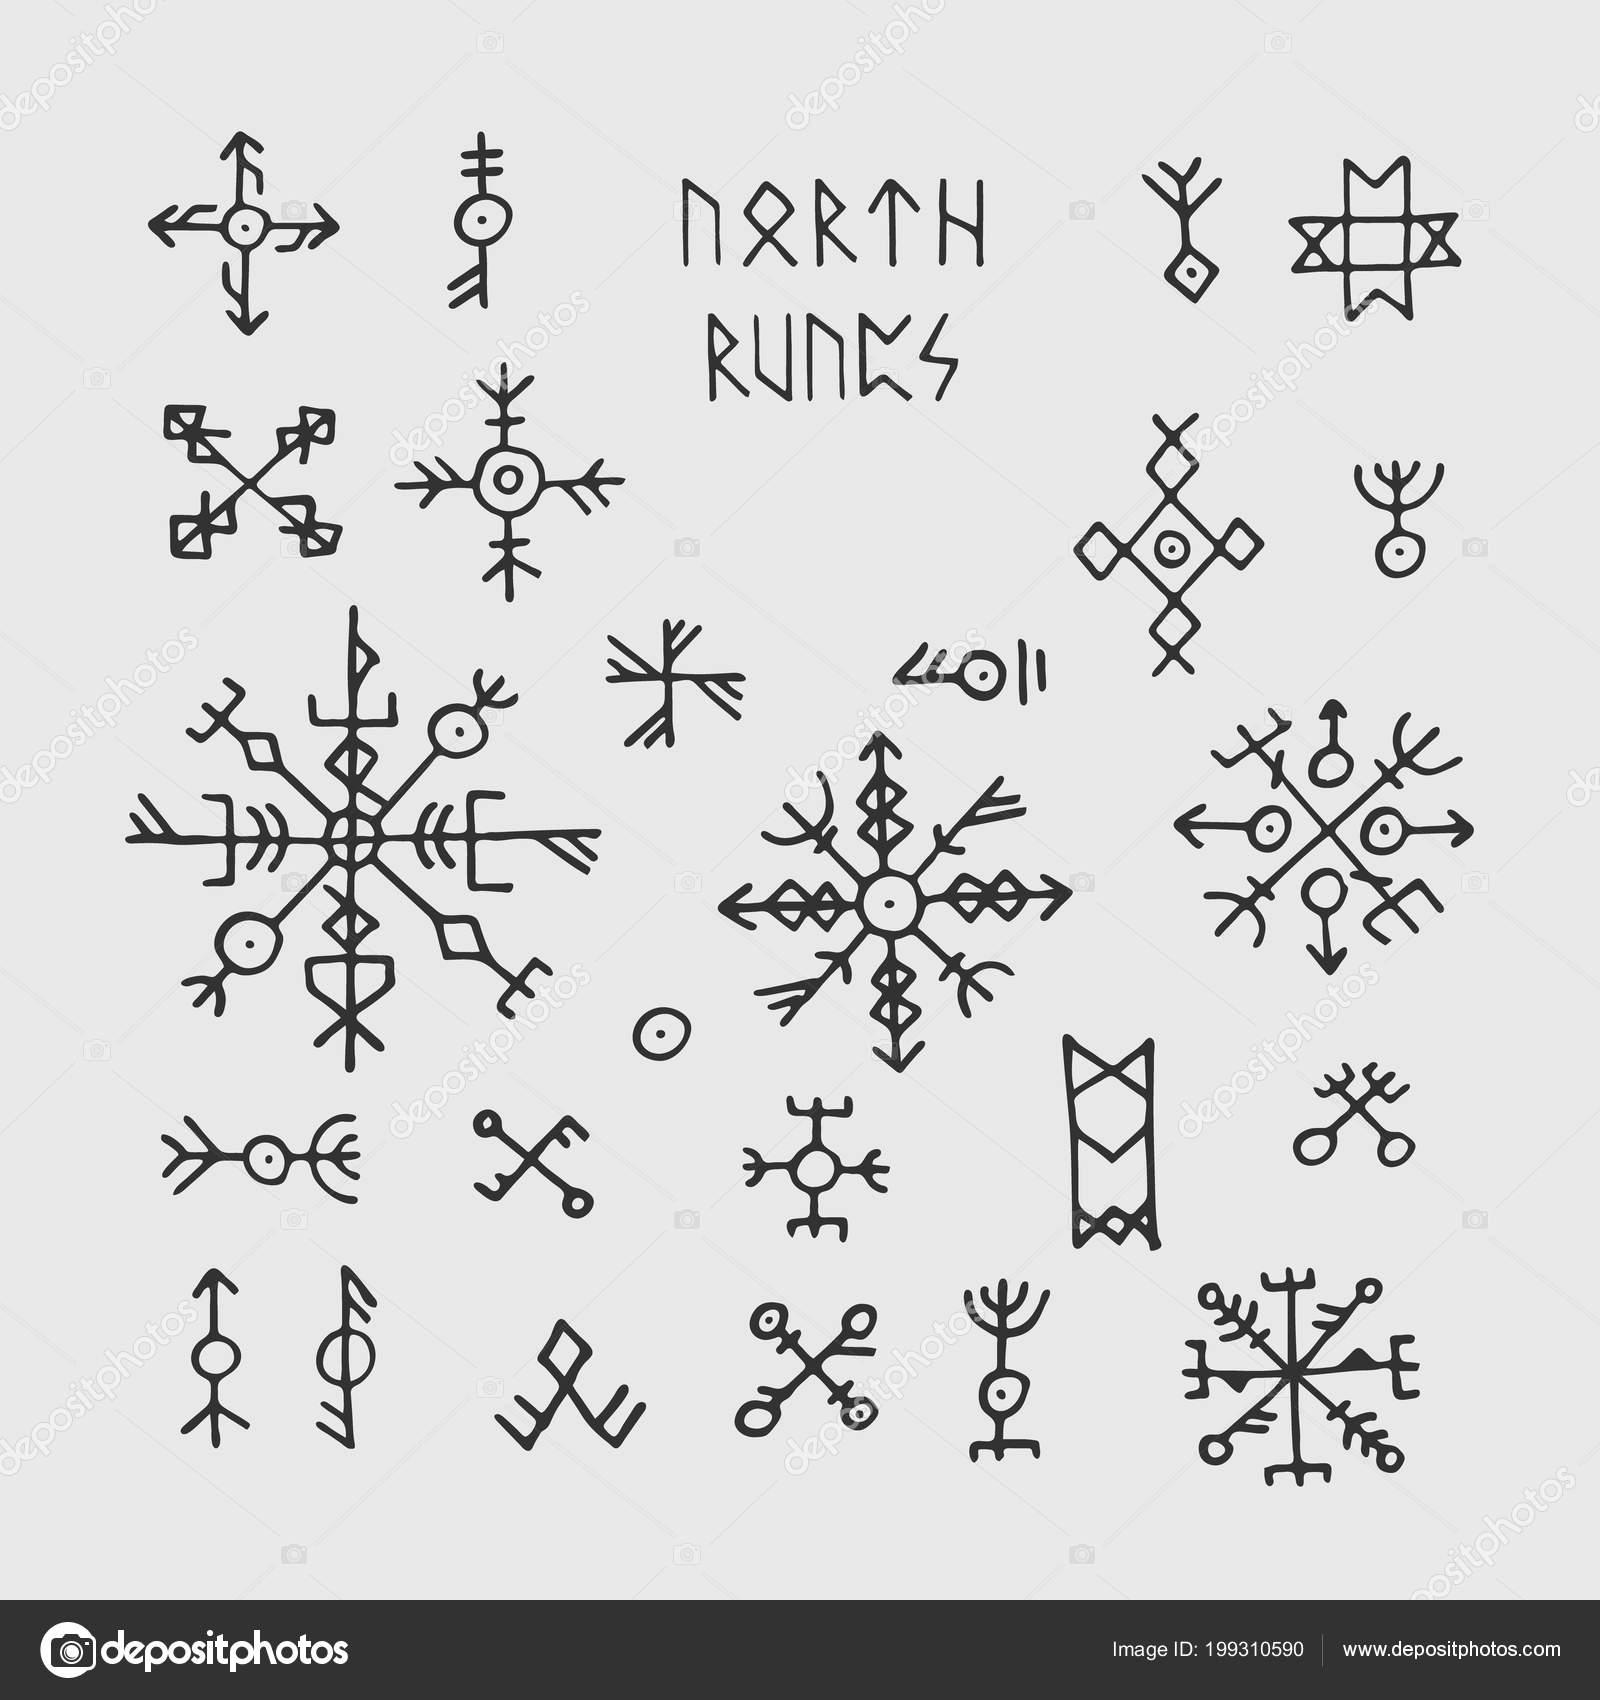 nordische wikinger runen futhark und talismane nordische heidnische vektor okkulte symbole f r. Black Bedroom Furniture Sets. Home Design Ideas